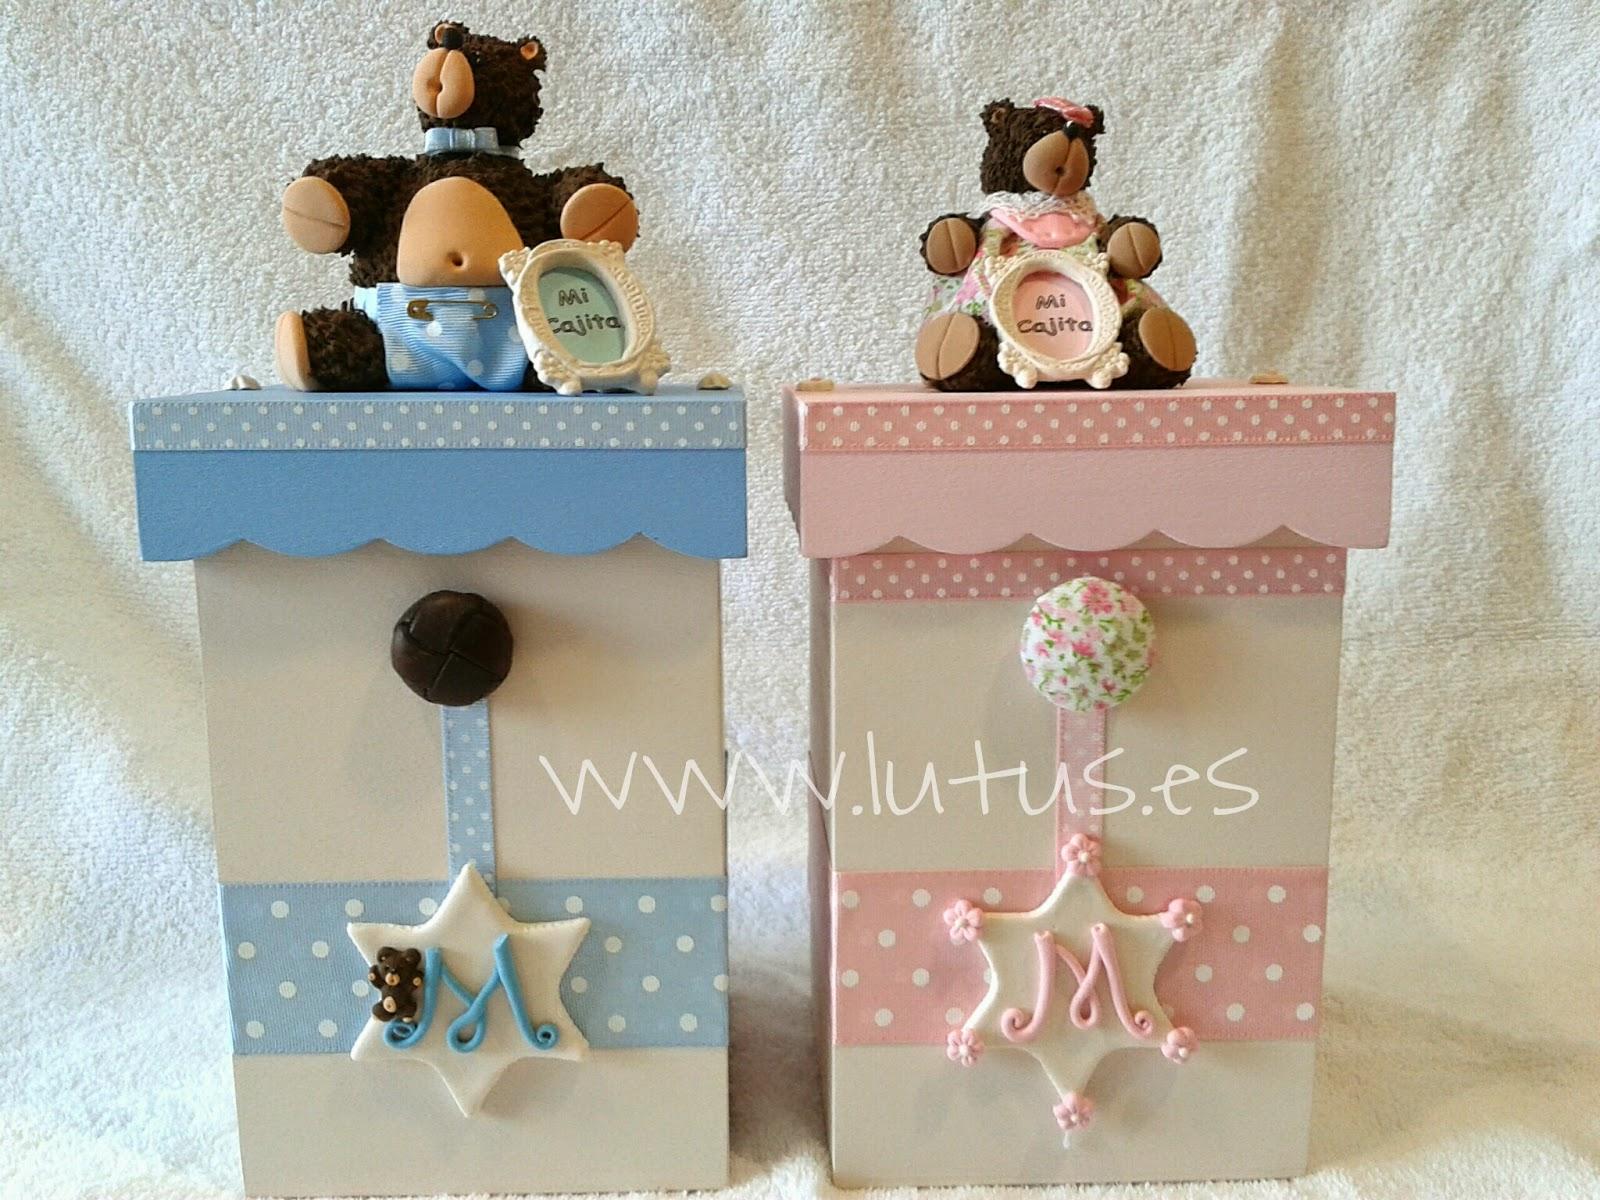 Lutus hecho a mano cajas regalo personalizadas pintadas y - Cajas decoradas a mano ...